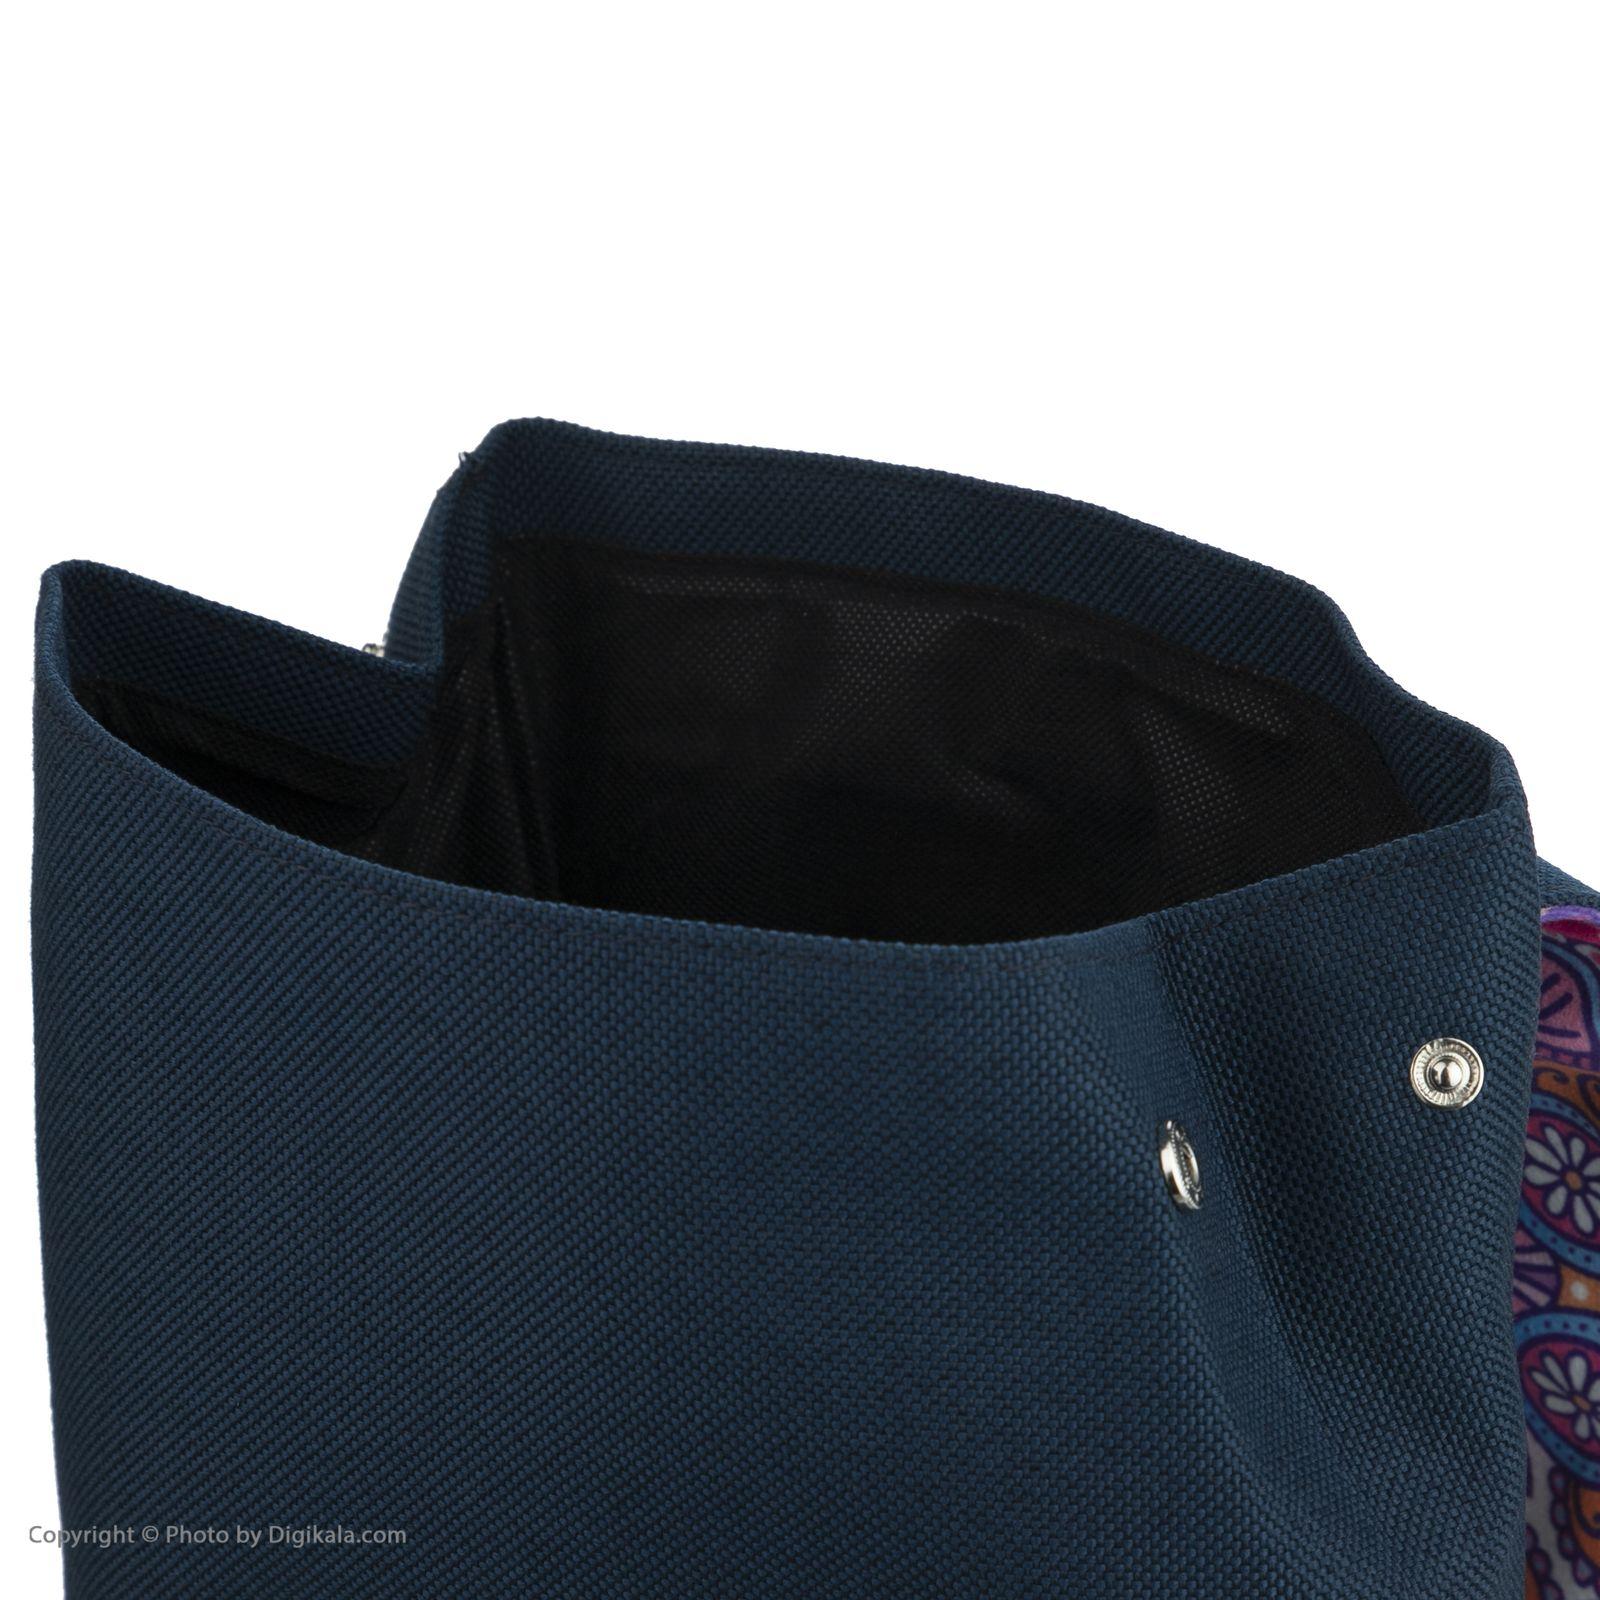 کوله پشتی زنانه میو مدل MBPM105 -  - 4